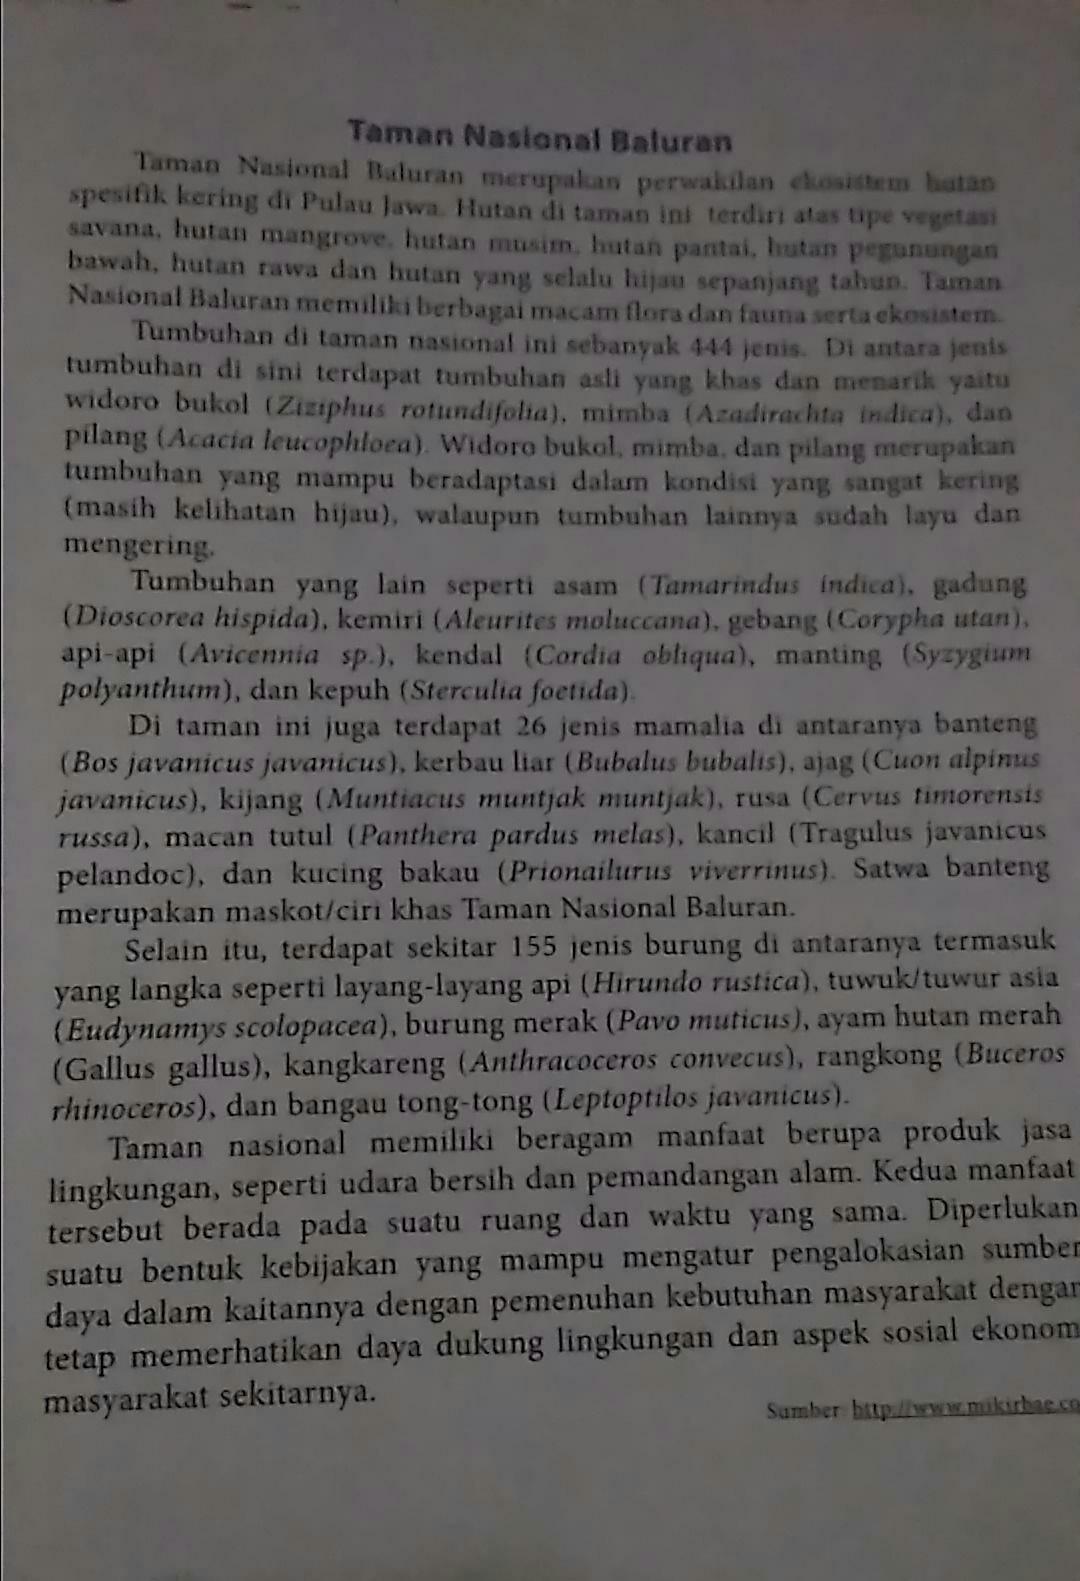 Kalimat Simpleks dan Kalimat Kompleks dalam Teks Laporan...